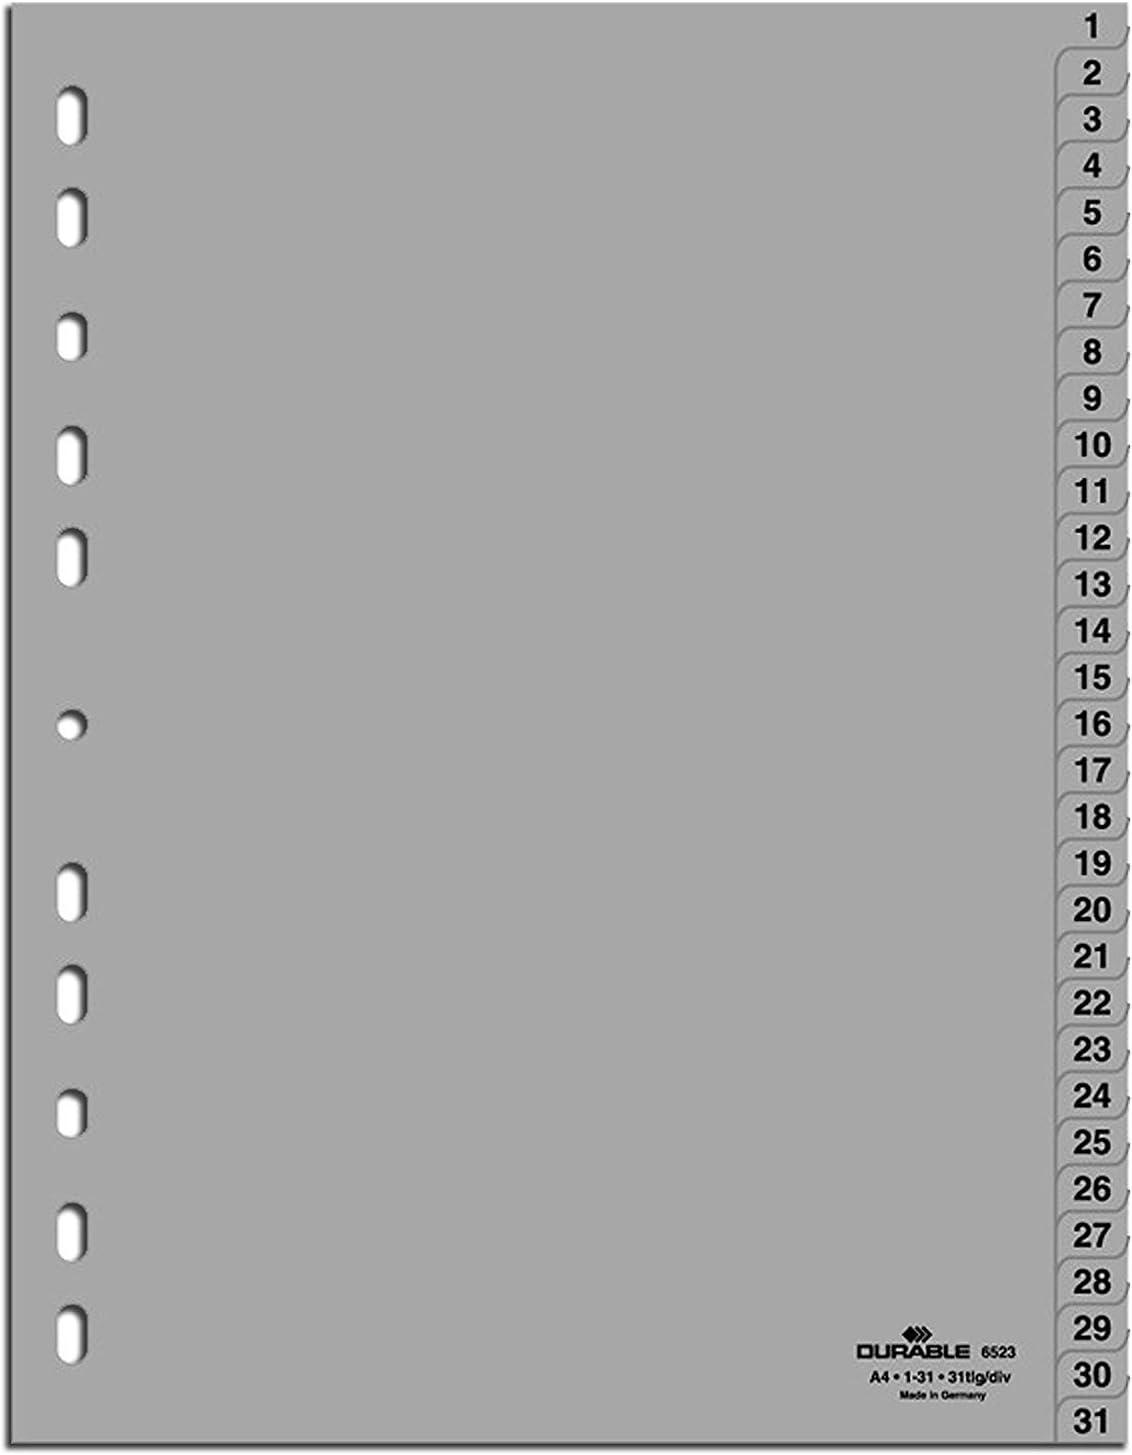 20 Unit/é s Durable 616302 Intercalaires de num/éro Blanc A4 avec onglets imprim/és,Index 1-20, Perforation universelle,Polypropyl/ènes